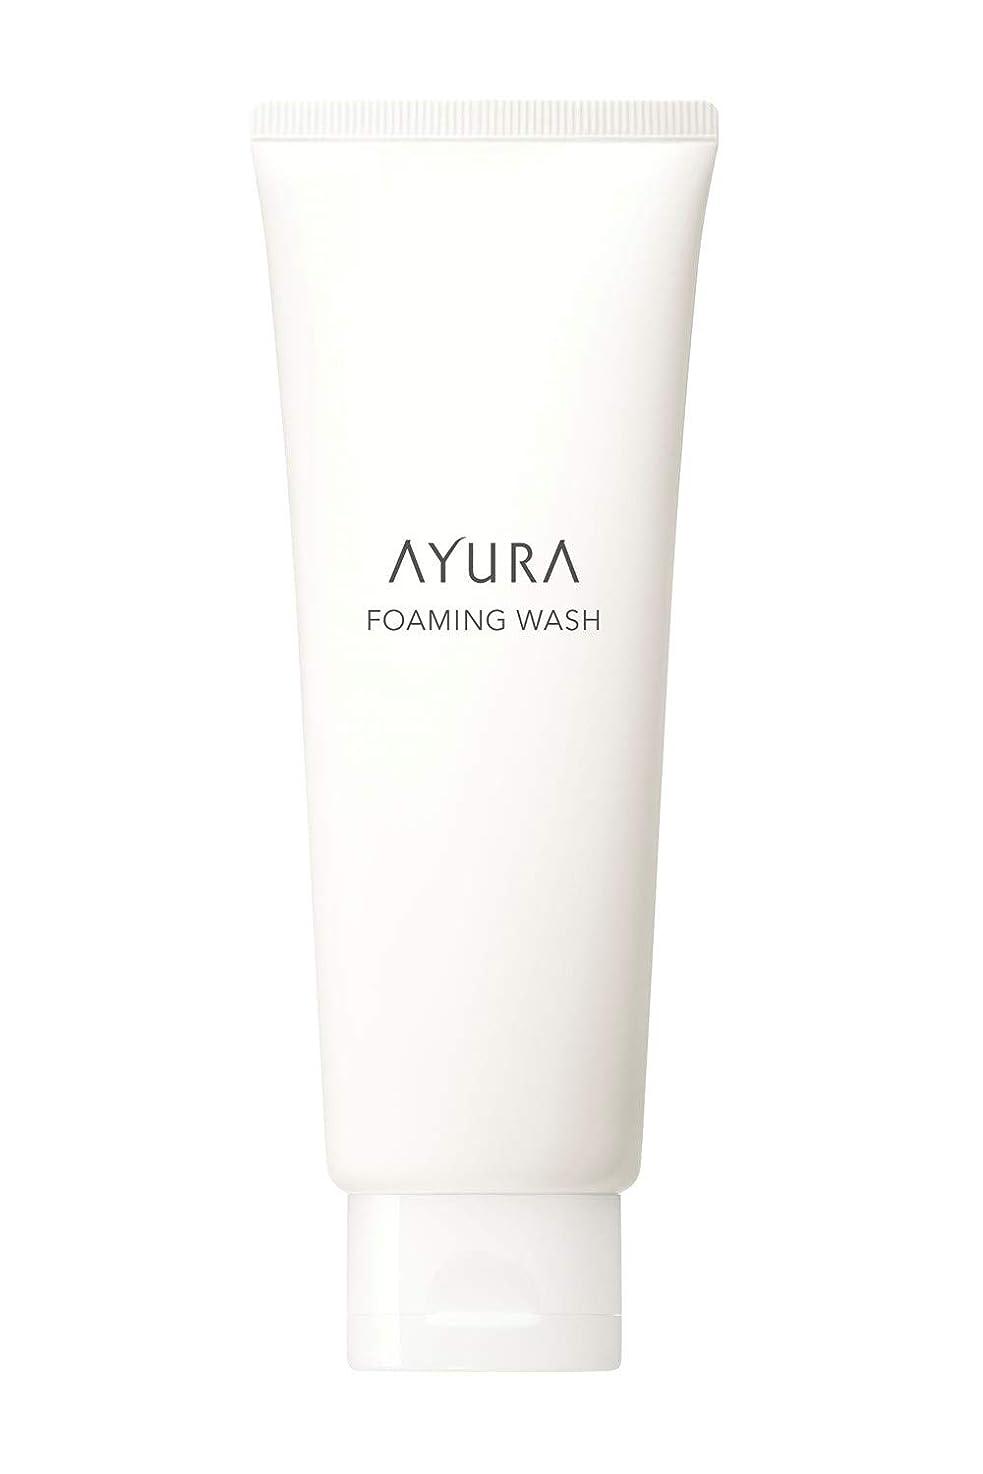 ポールスリラー巡礼者アユーラ (AYURA) フォーミングウォッシュ 120g 〈 洗顔料 〉 肌をいたわりながら汚れを落とす つるんとやわらかな素肌へ 洗うたびにうるおいを与えるもっちり濃密泡の洗顔料